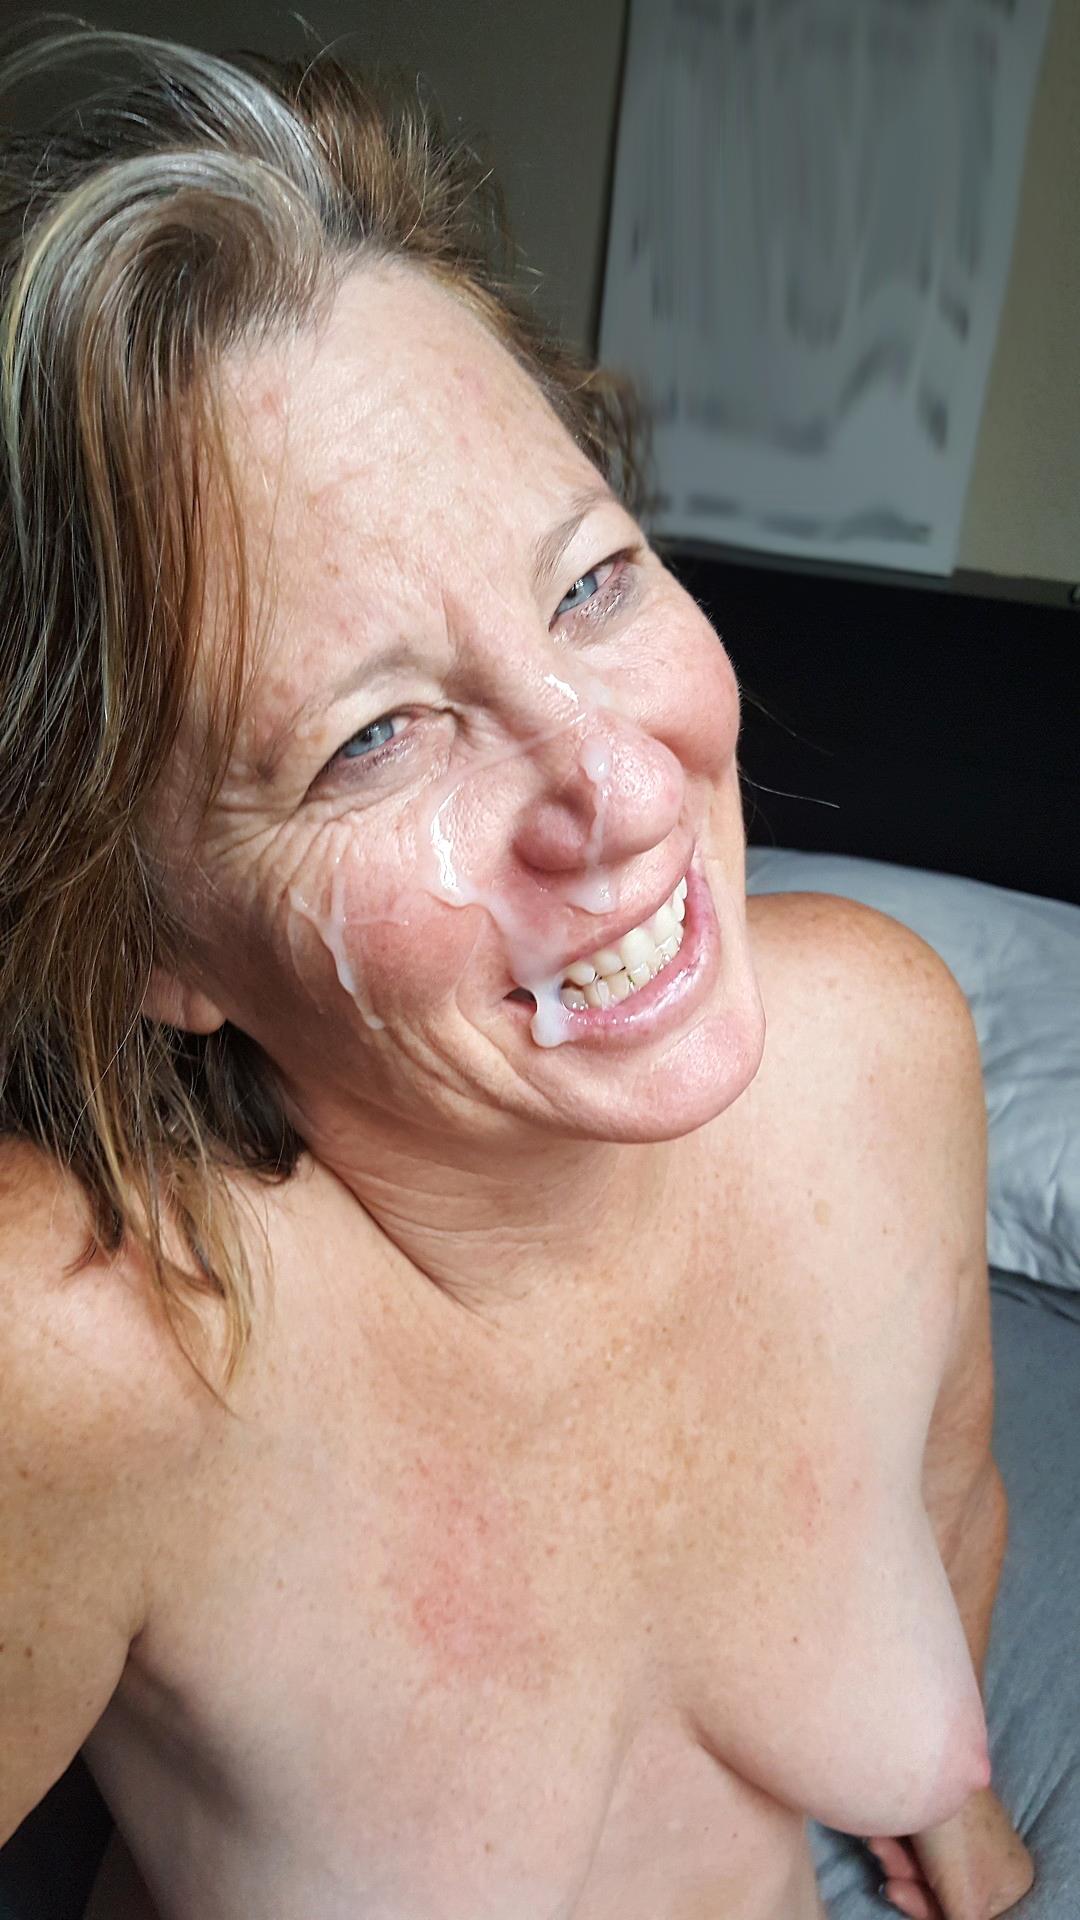 BBW. Kostenlose XXX-Bilder, beste Porno-Fotos und heißer Sex